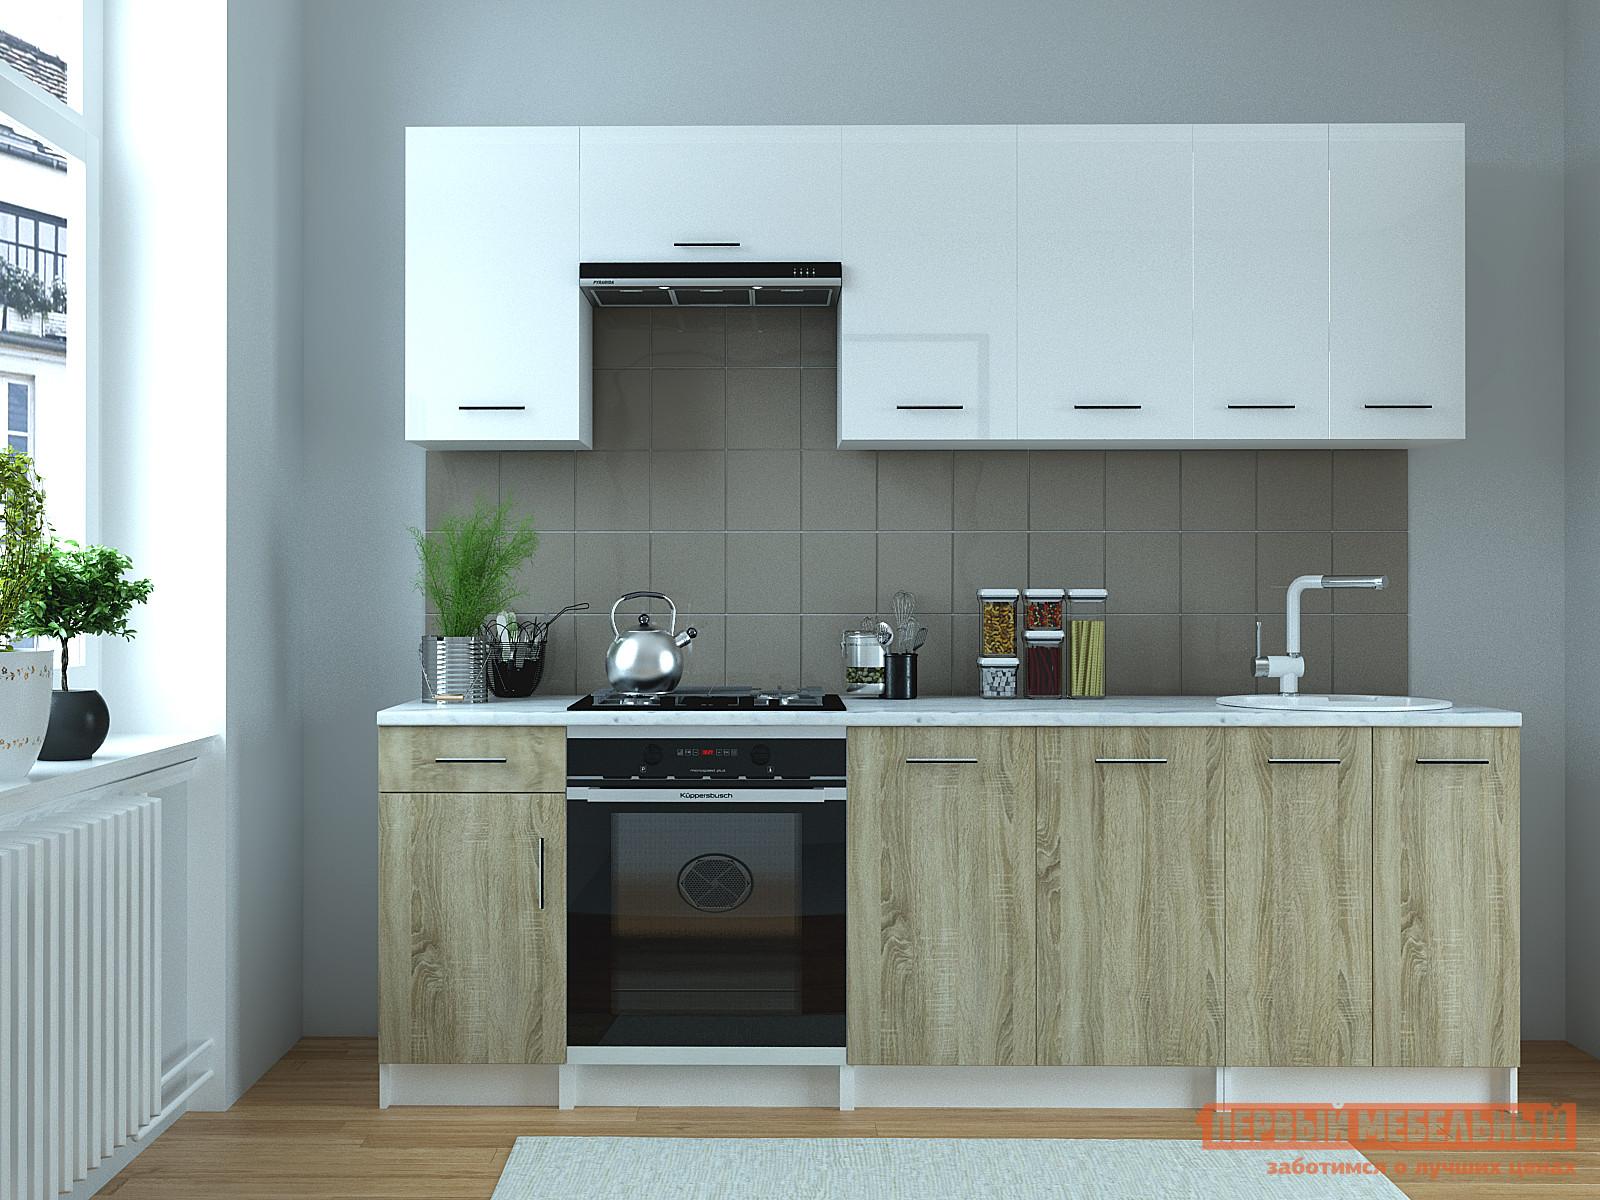 Кухонный гарнитур НК-Мебель Арамина 240 см кухонный гарнитур трия оливия 300 см